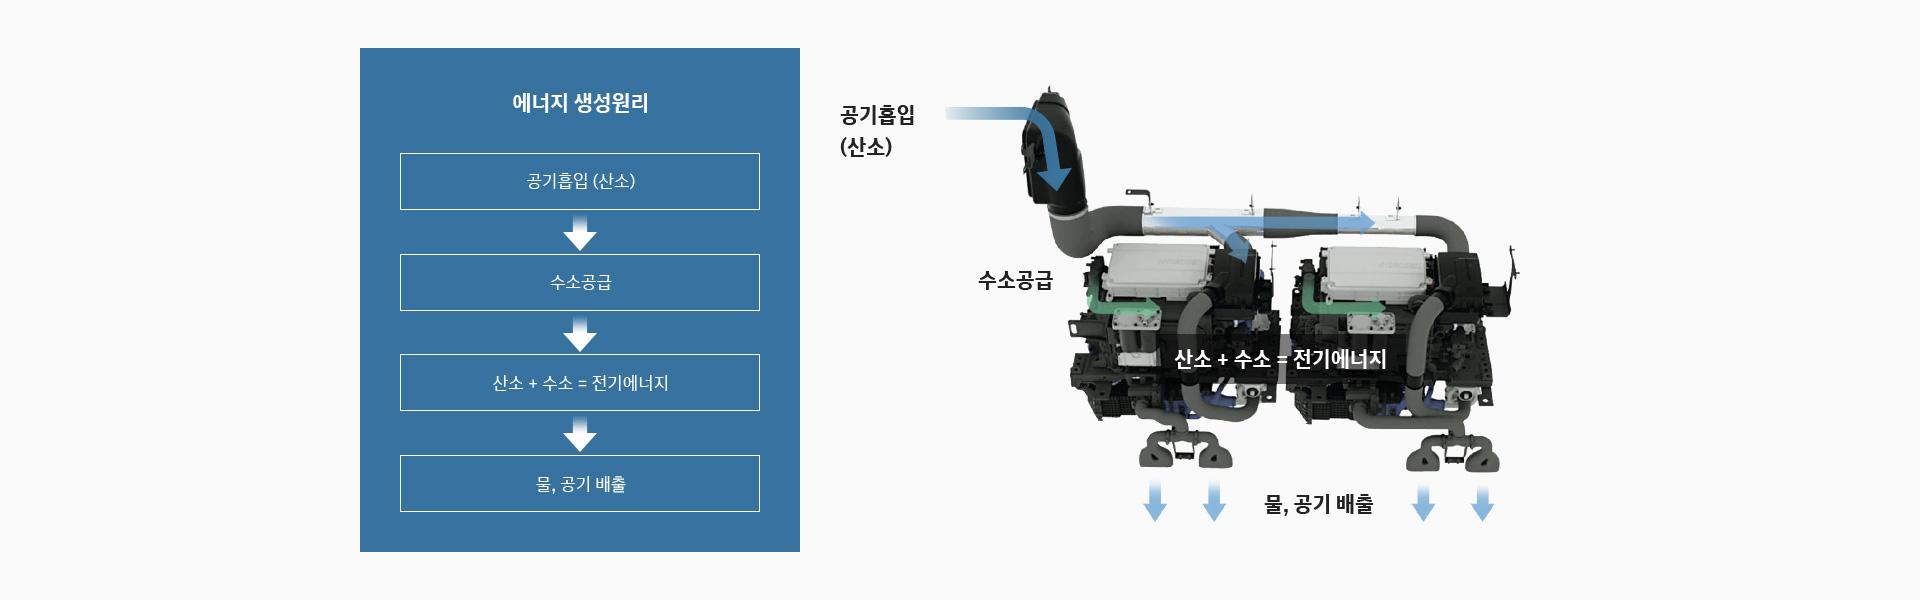 에너지 생성원리 : 공기흡입 (산소) → 수소공급 → 산소 + 수소 = 전기에너지 → 물, 공기 배출